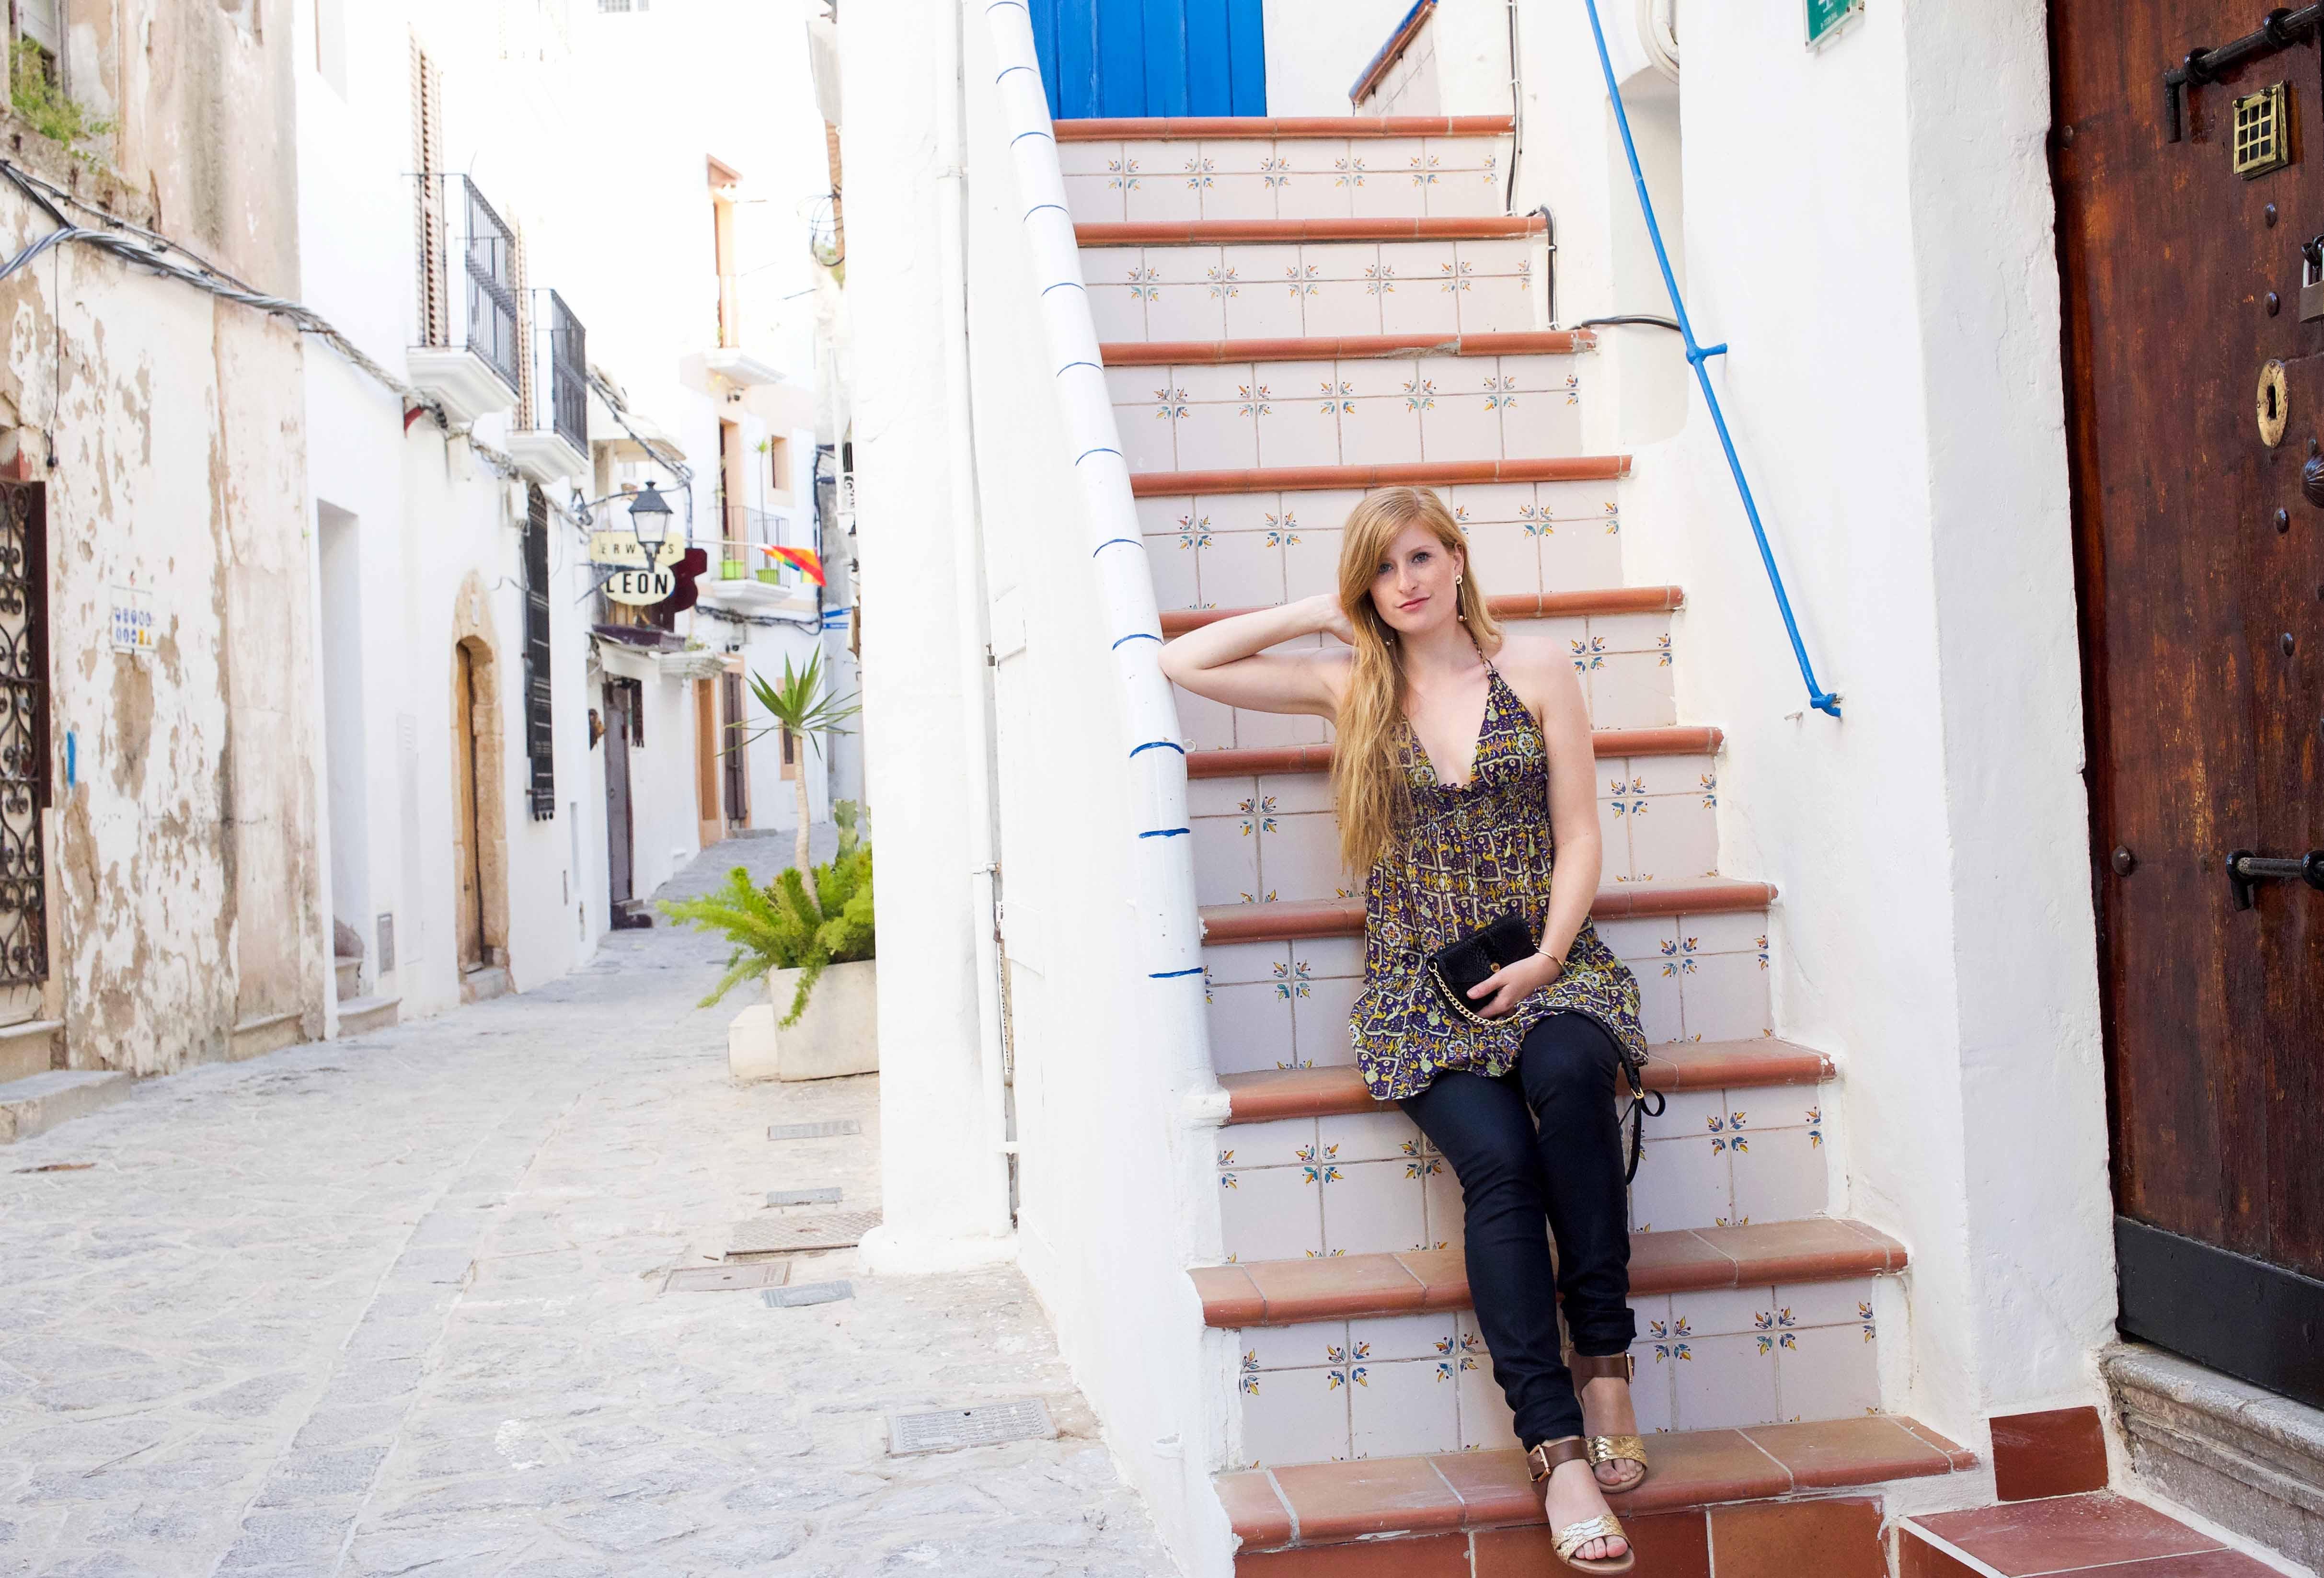 Luftiges buntes Oberteil Asos schwarze Skinny Jeans Frühlingsoutfit Ibiza Modeblogger Deutschland 6